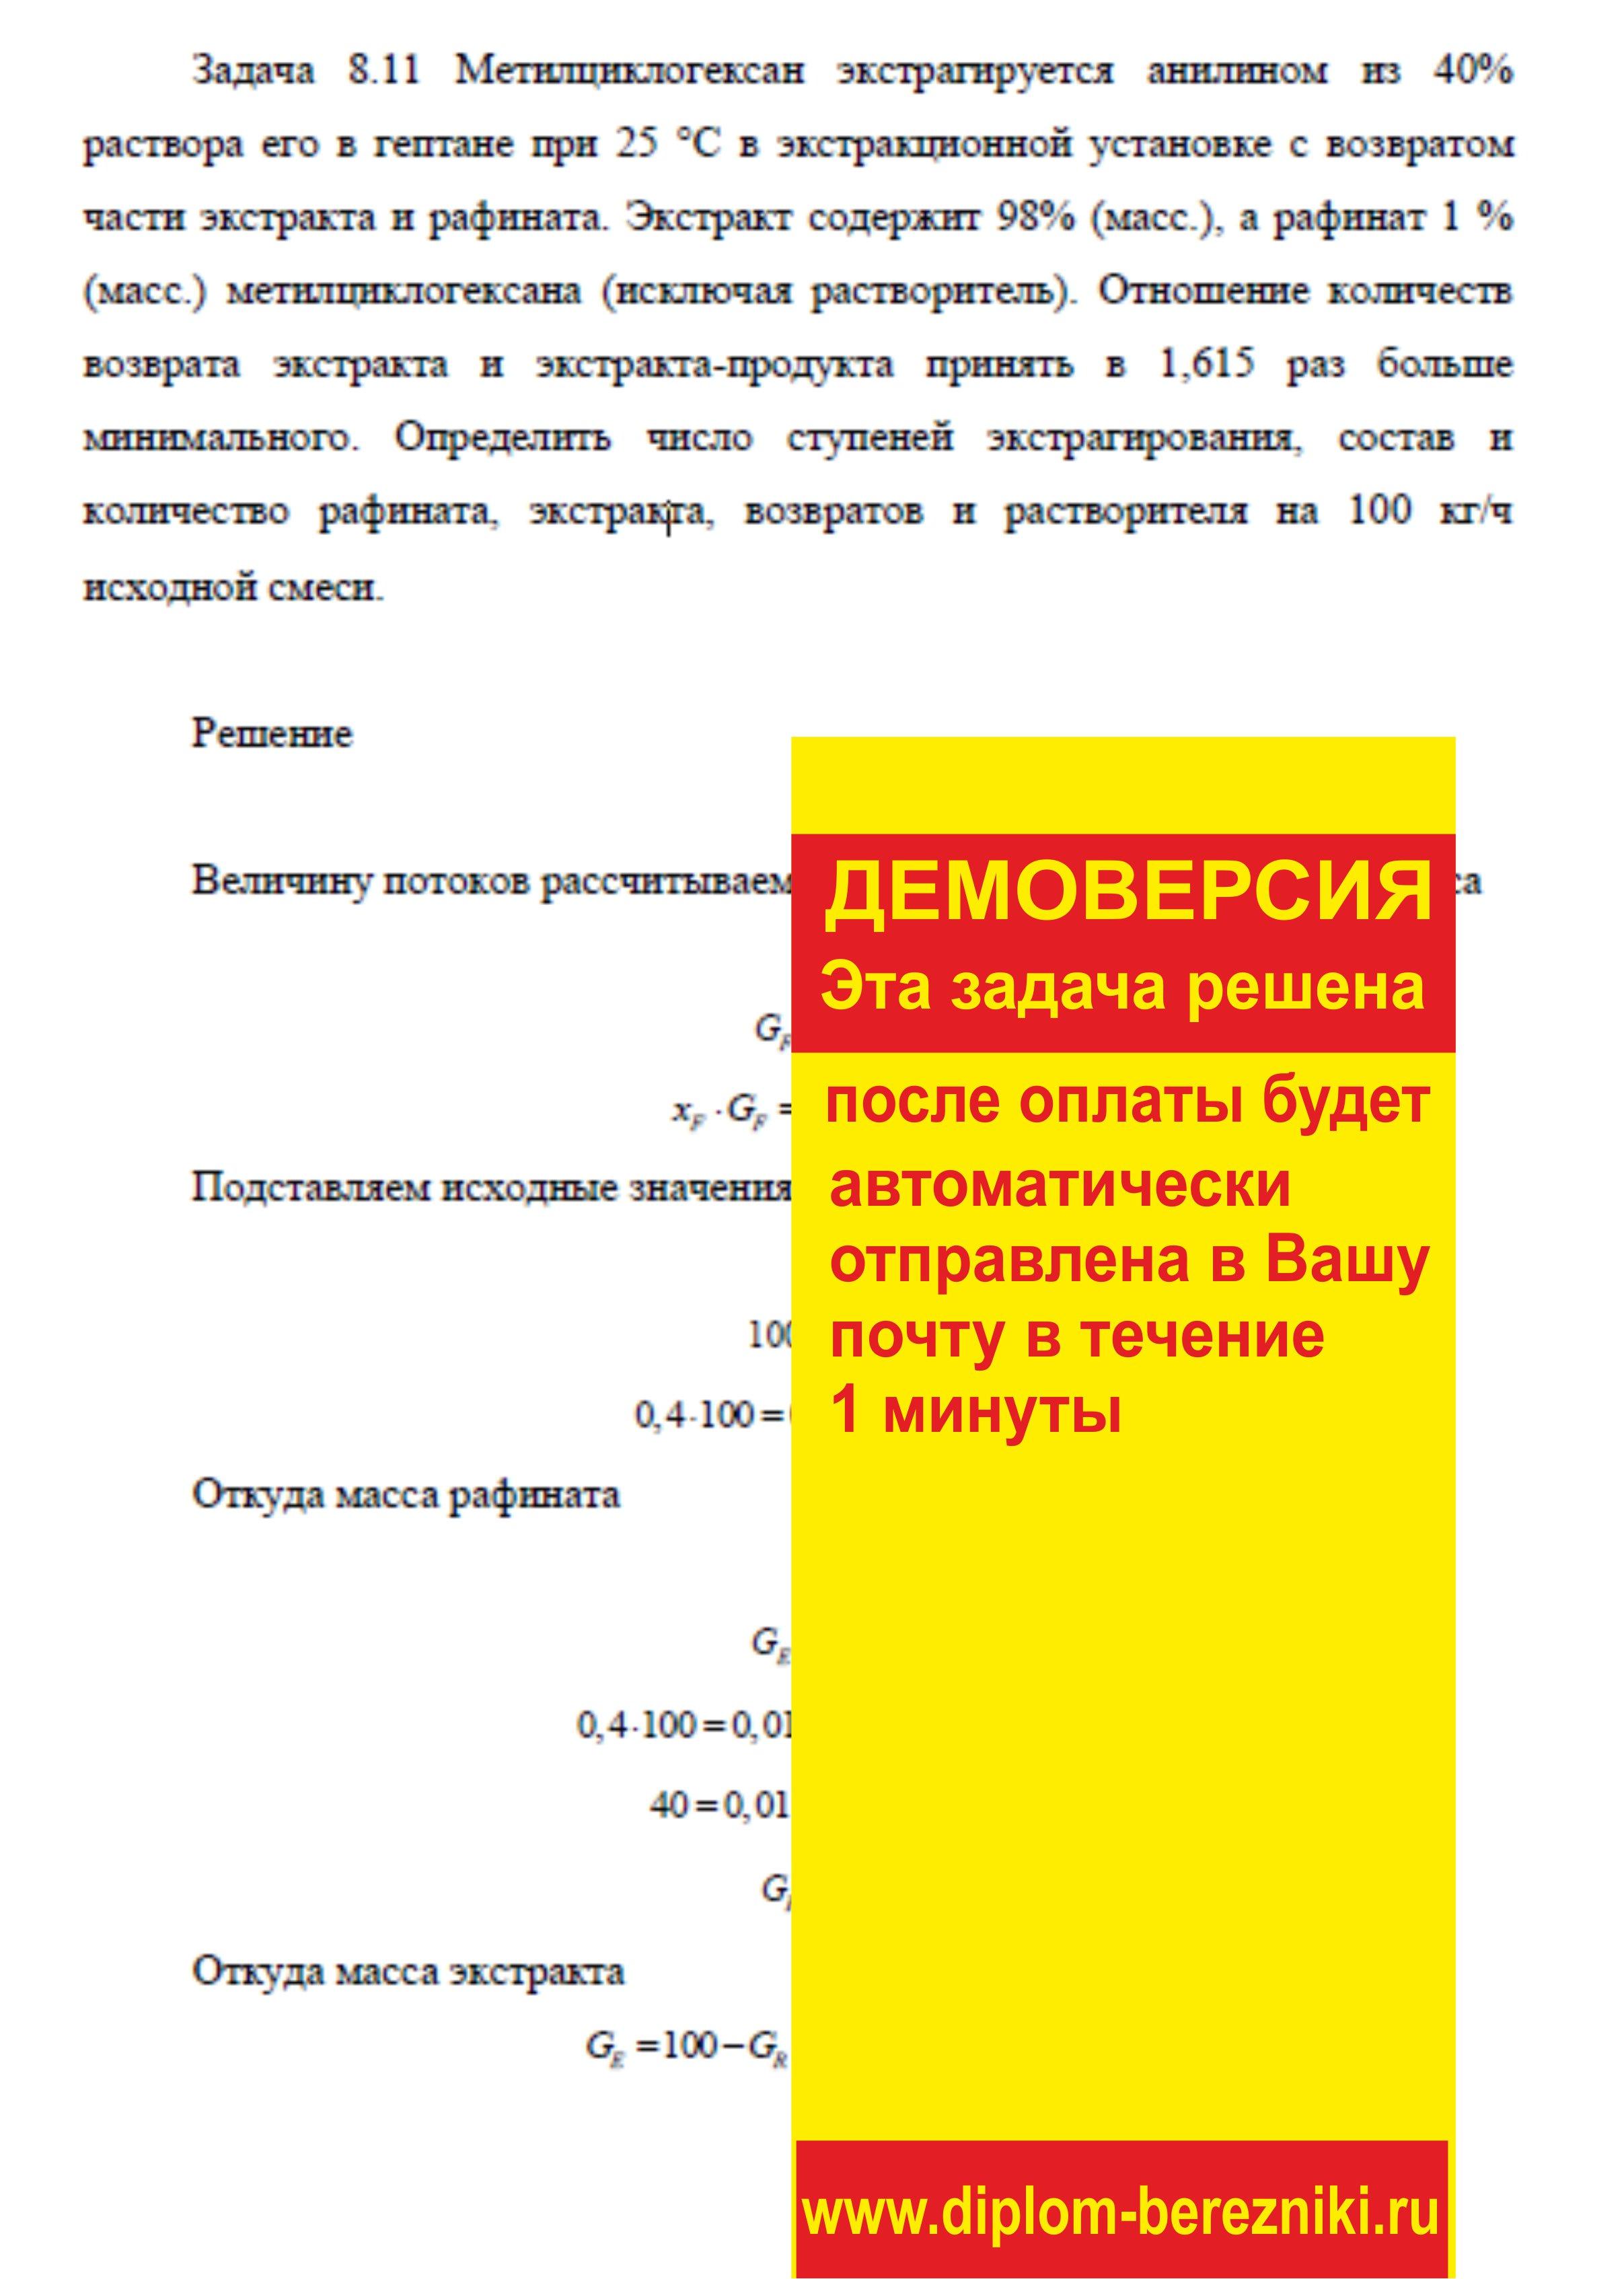 Решение задачи 8.11 по ПАХТ из задачника Павлова Романкова Носкова